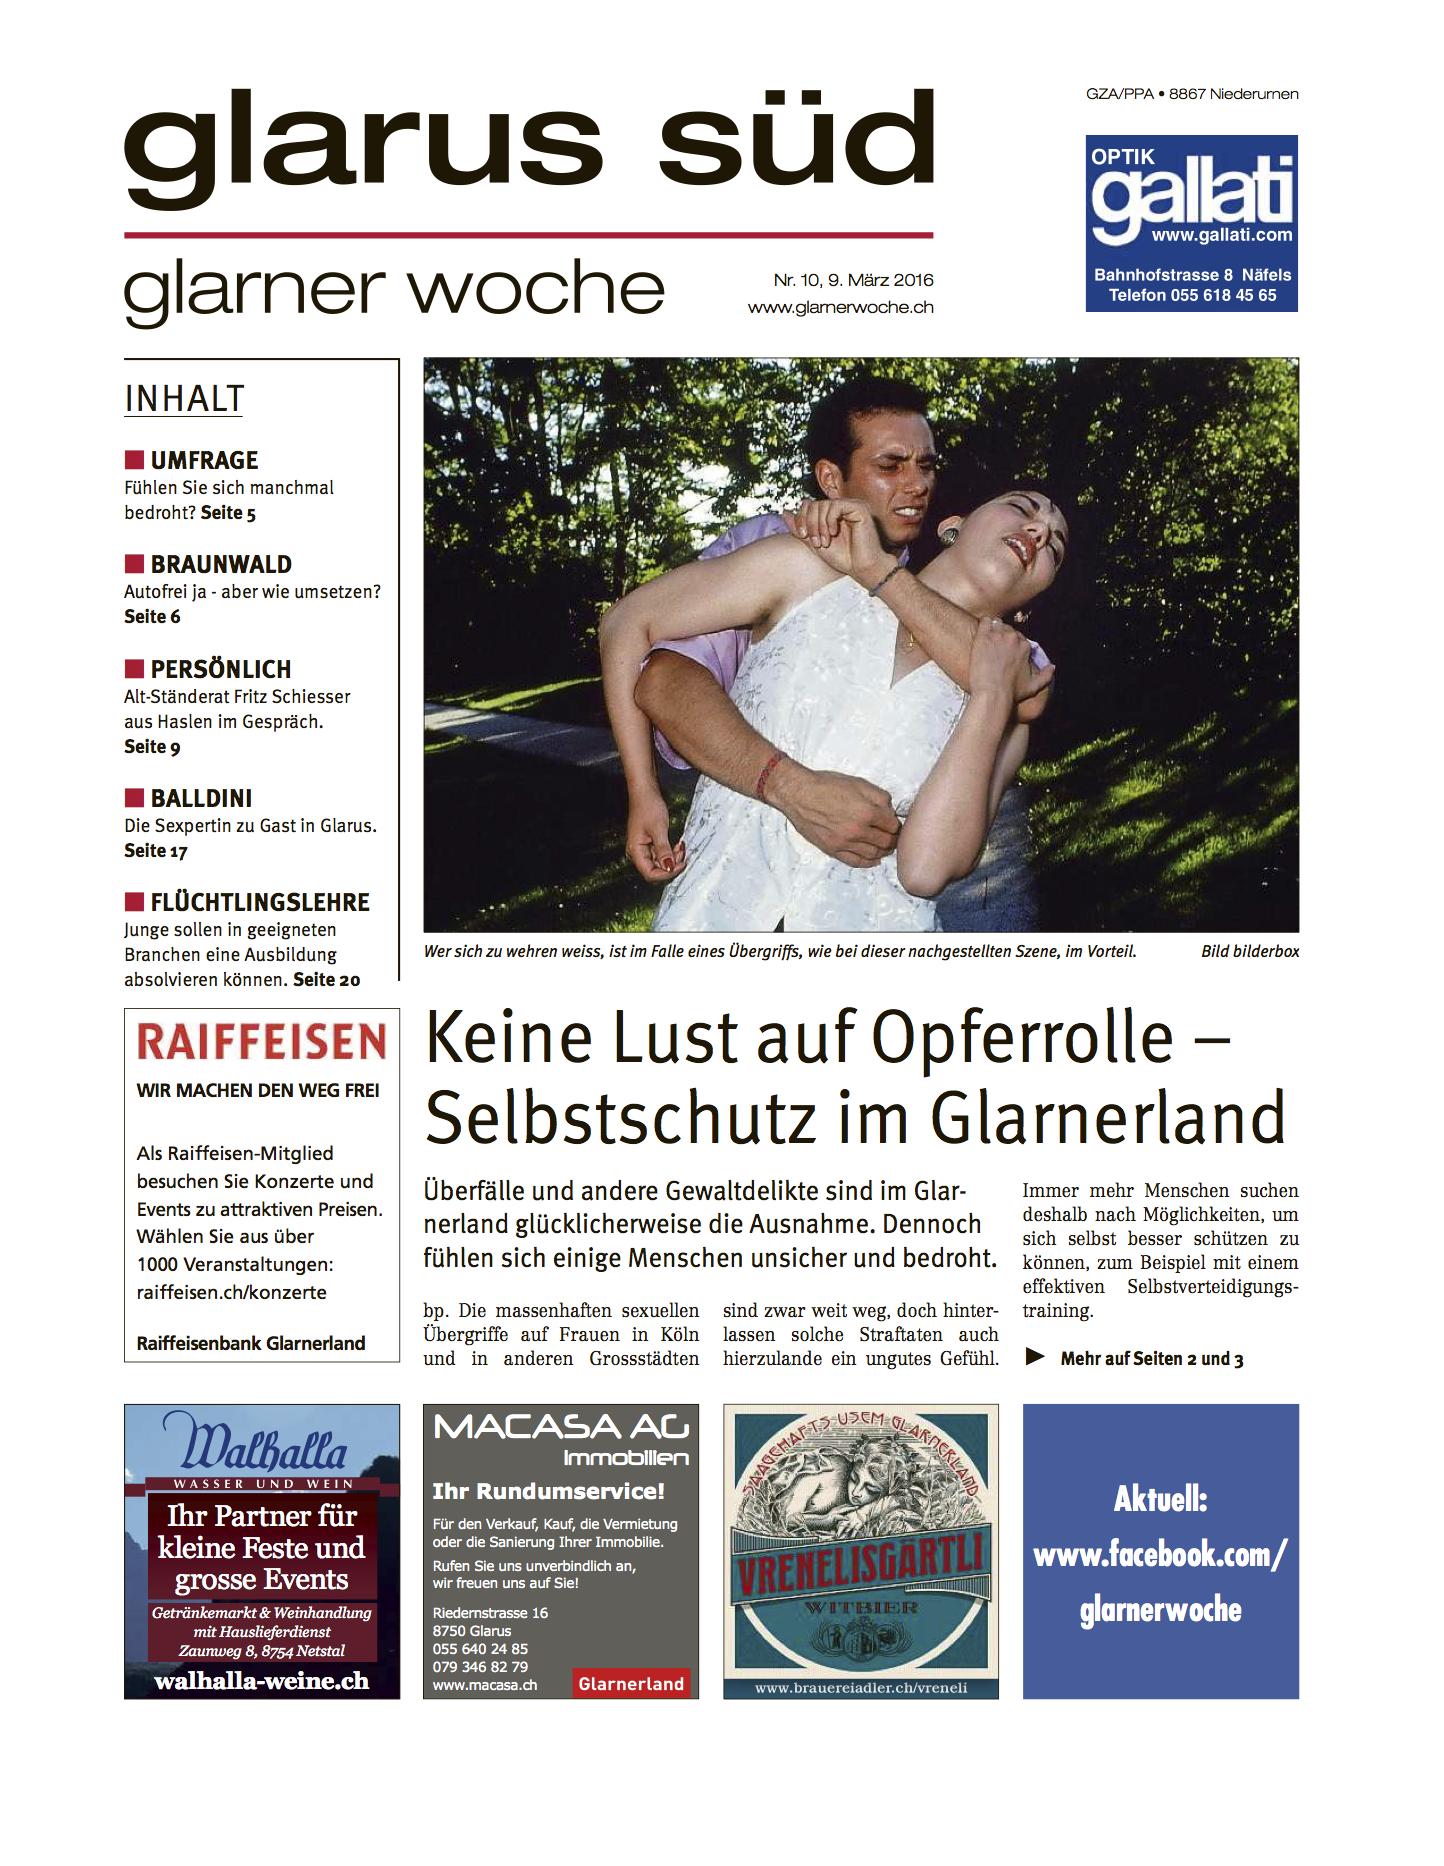 krav-maga-linth_zeitungs-artikel-vorschau-glarner-woche-nord-glarus-sued-anzeiger_2016_selbstverteidigung_niederurnen-glarus